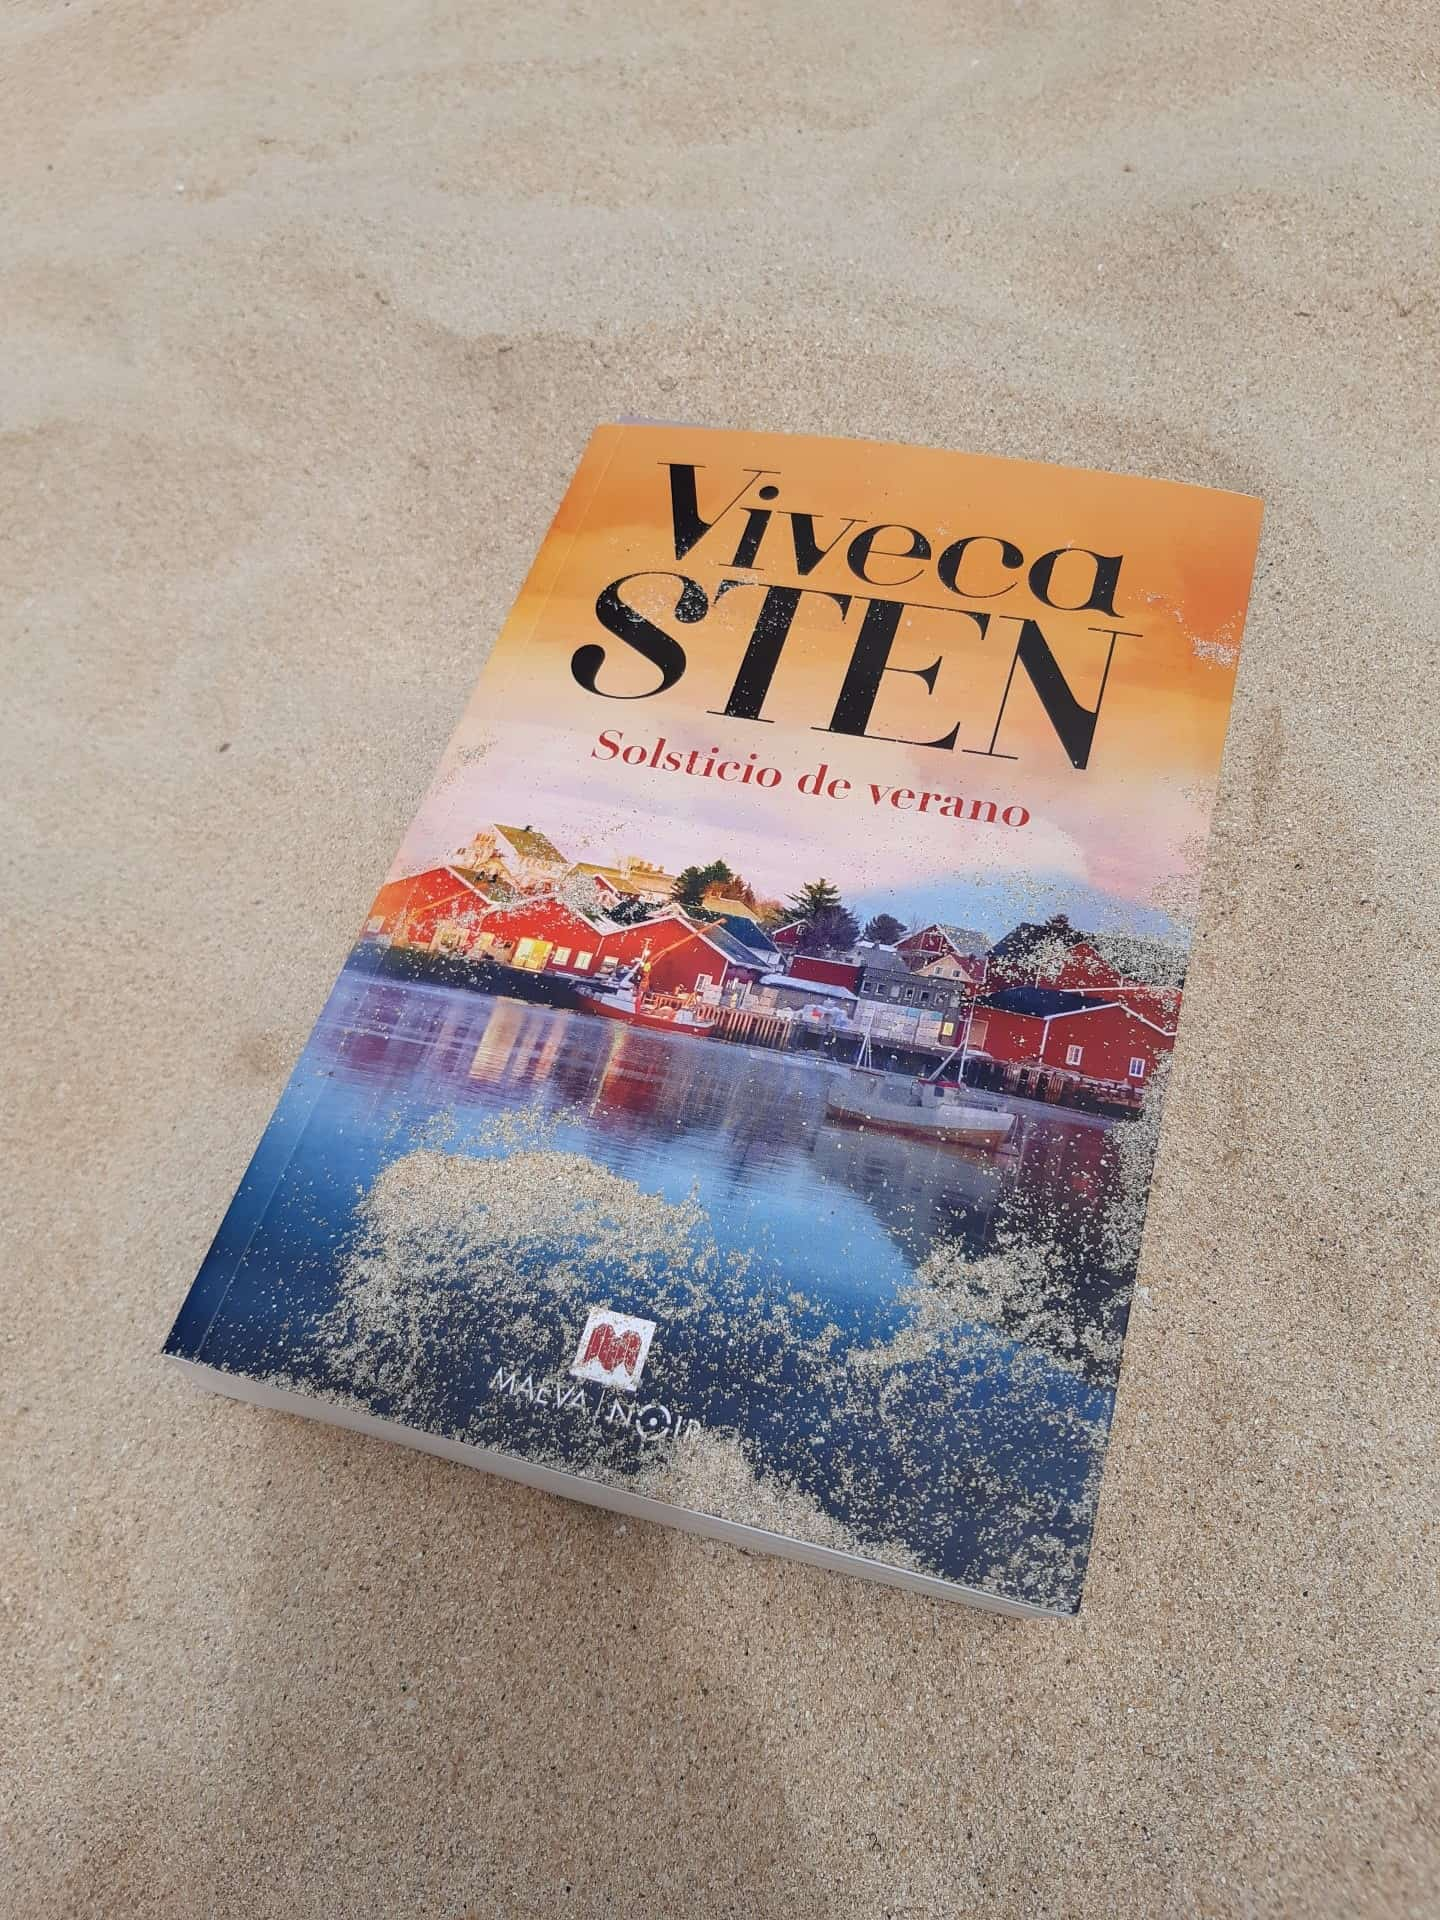 «SOLSTICIO DE VERANO», de Viveca Sten